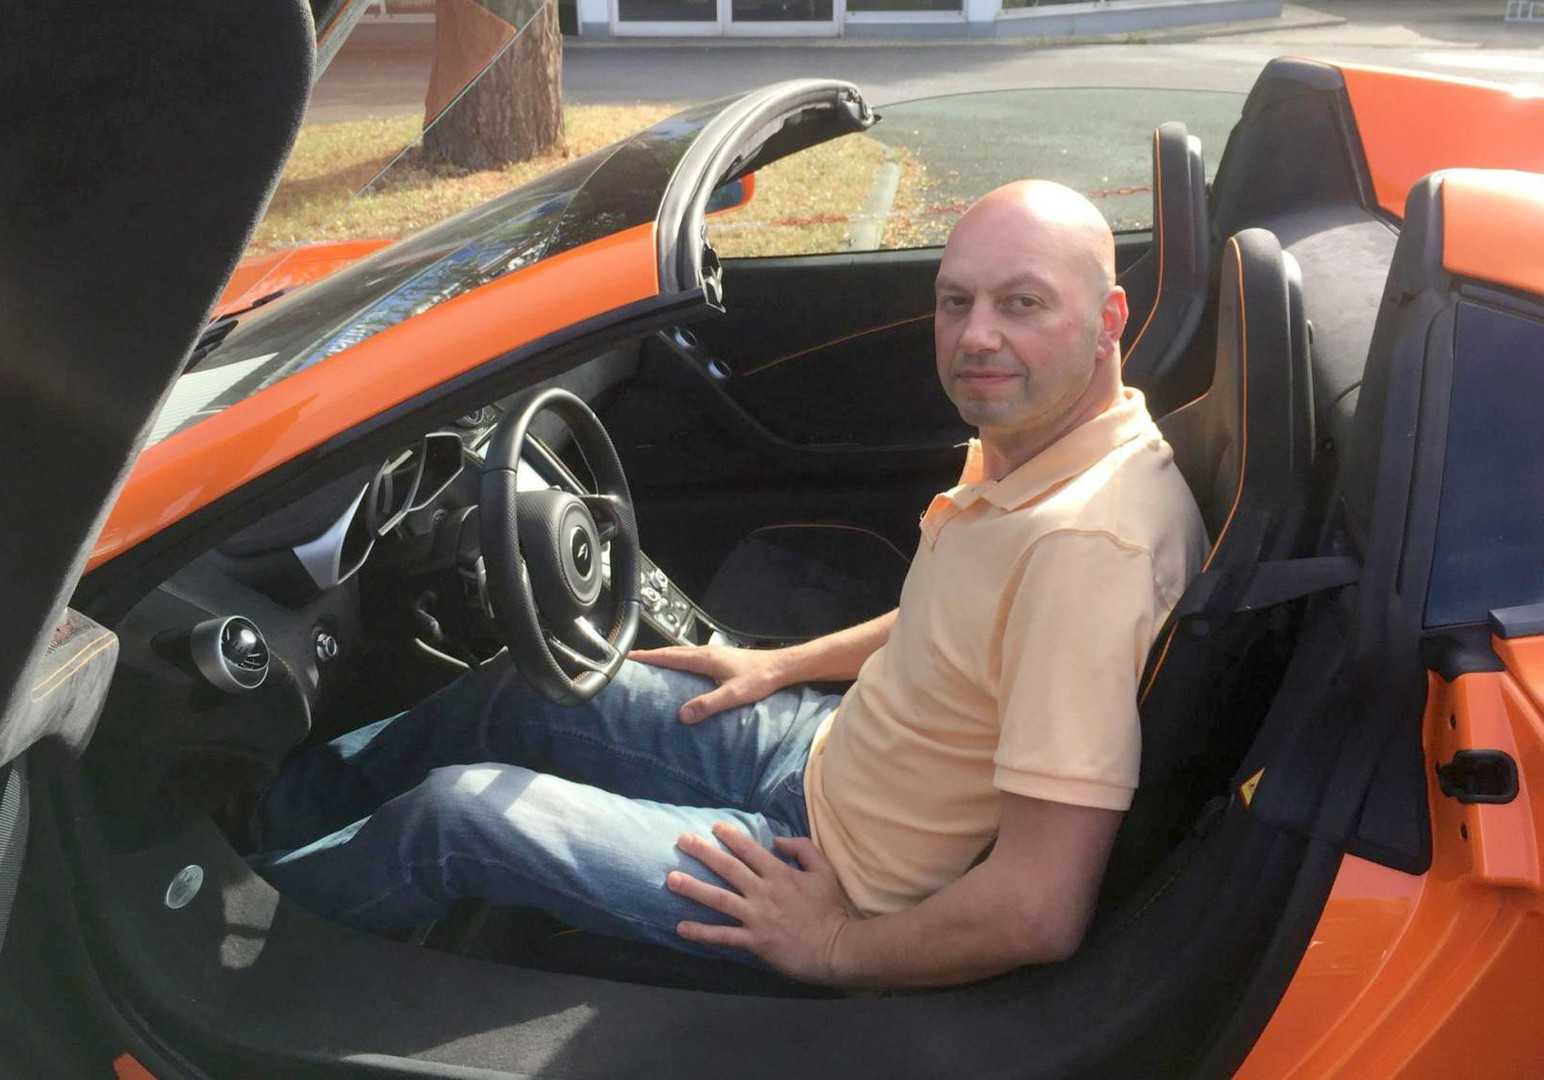 Mensch gegen Esel: Urteil im Fall über Tier gefällt, das McLaren-Sportwagen mit Möhre verwechselte